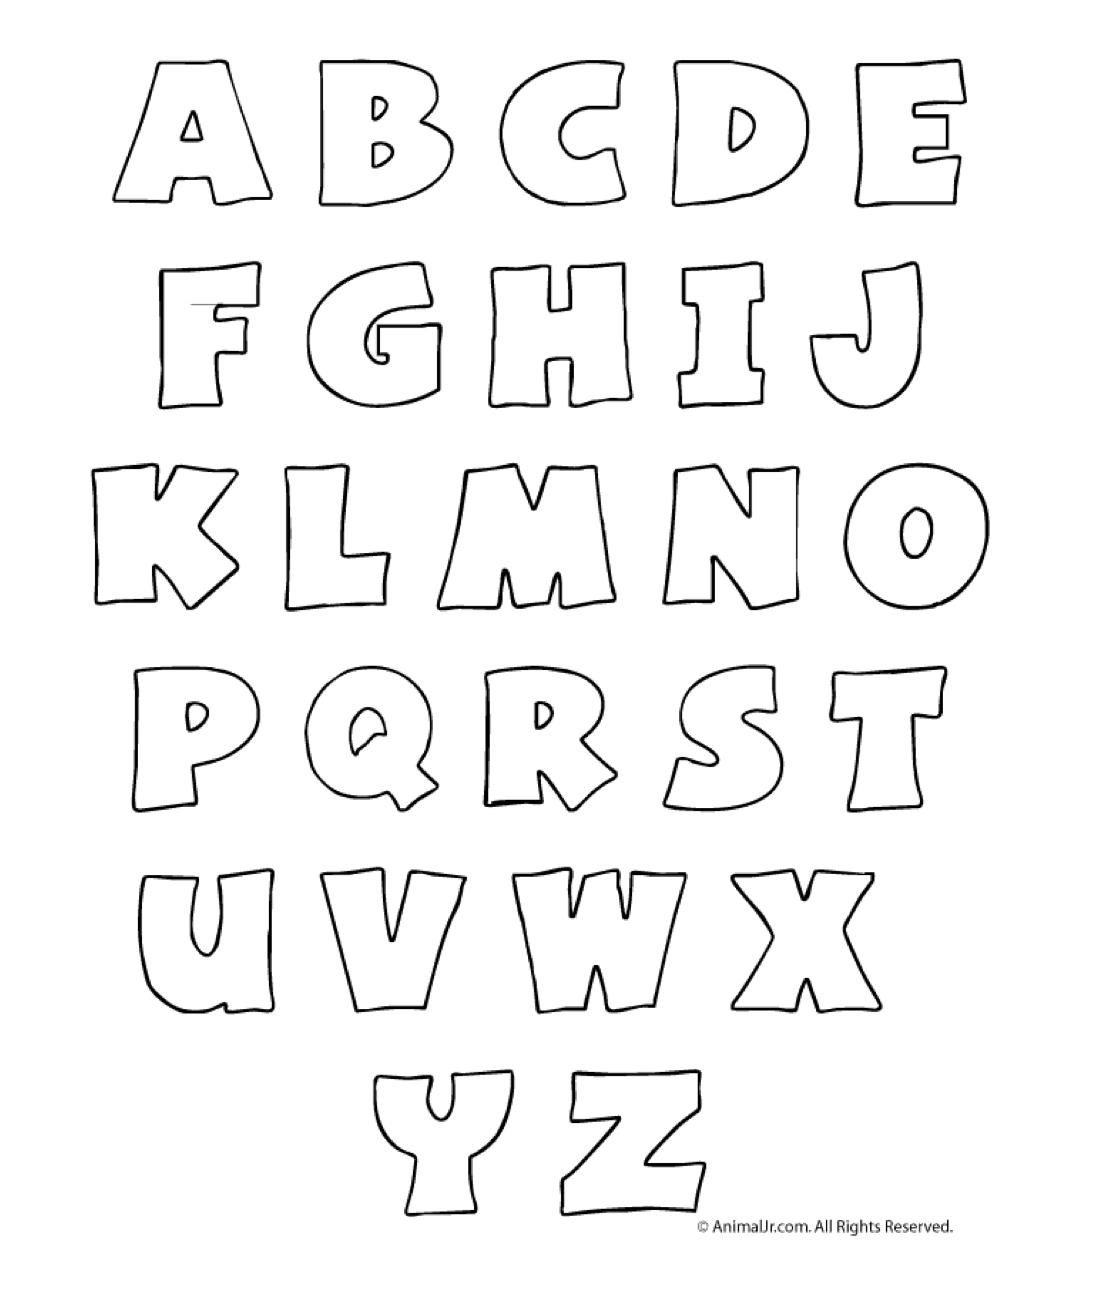 Plantillas de letras para fieltro  Imagui  QUIET BOOK